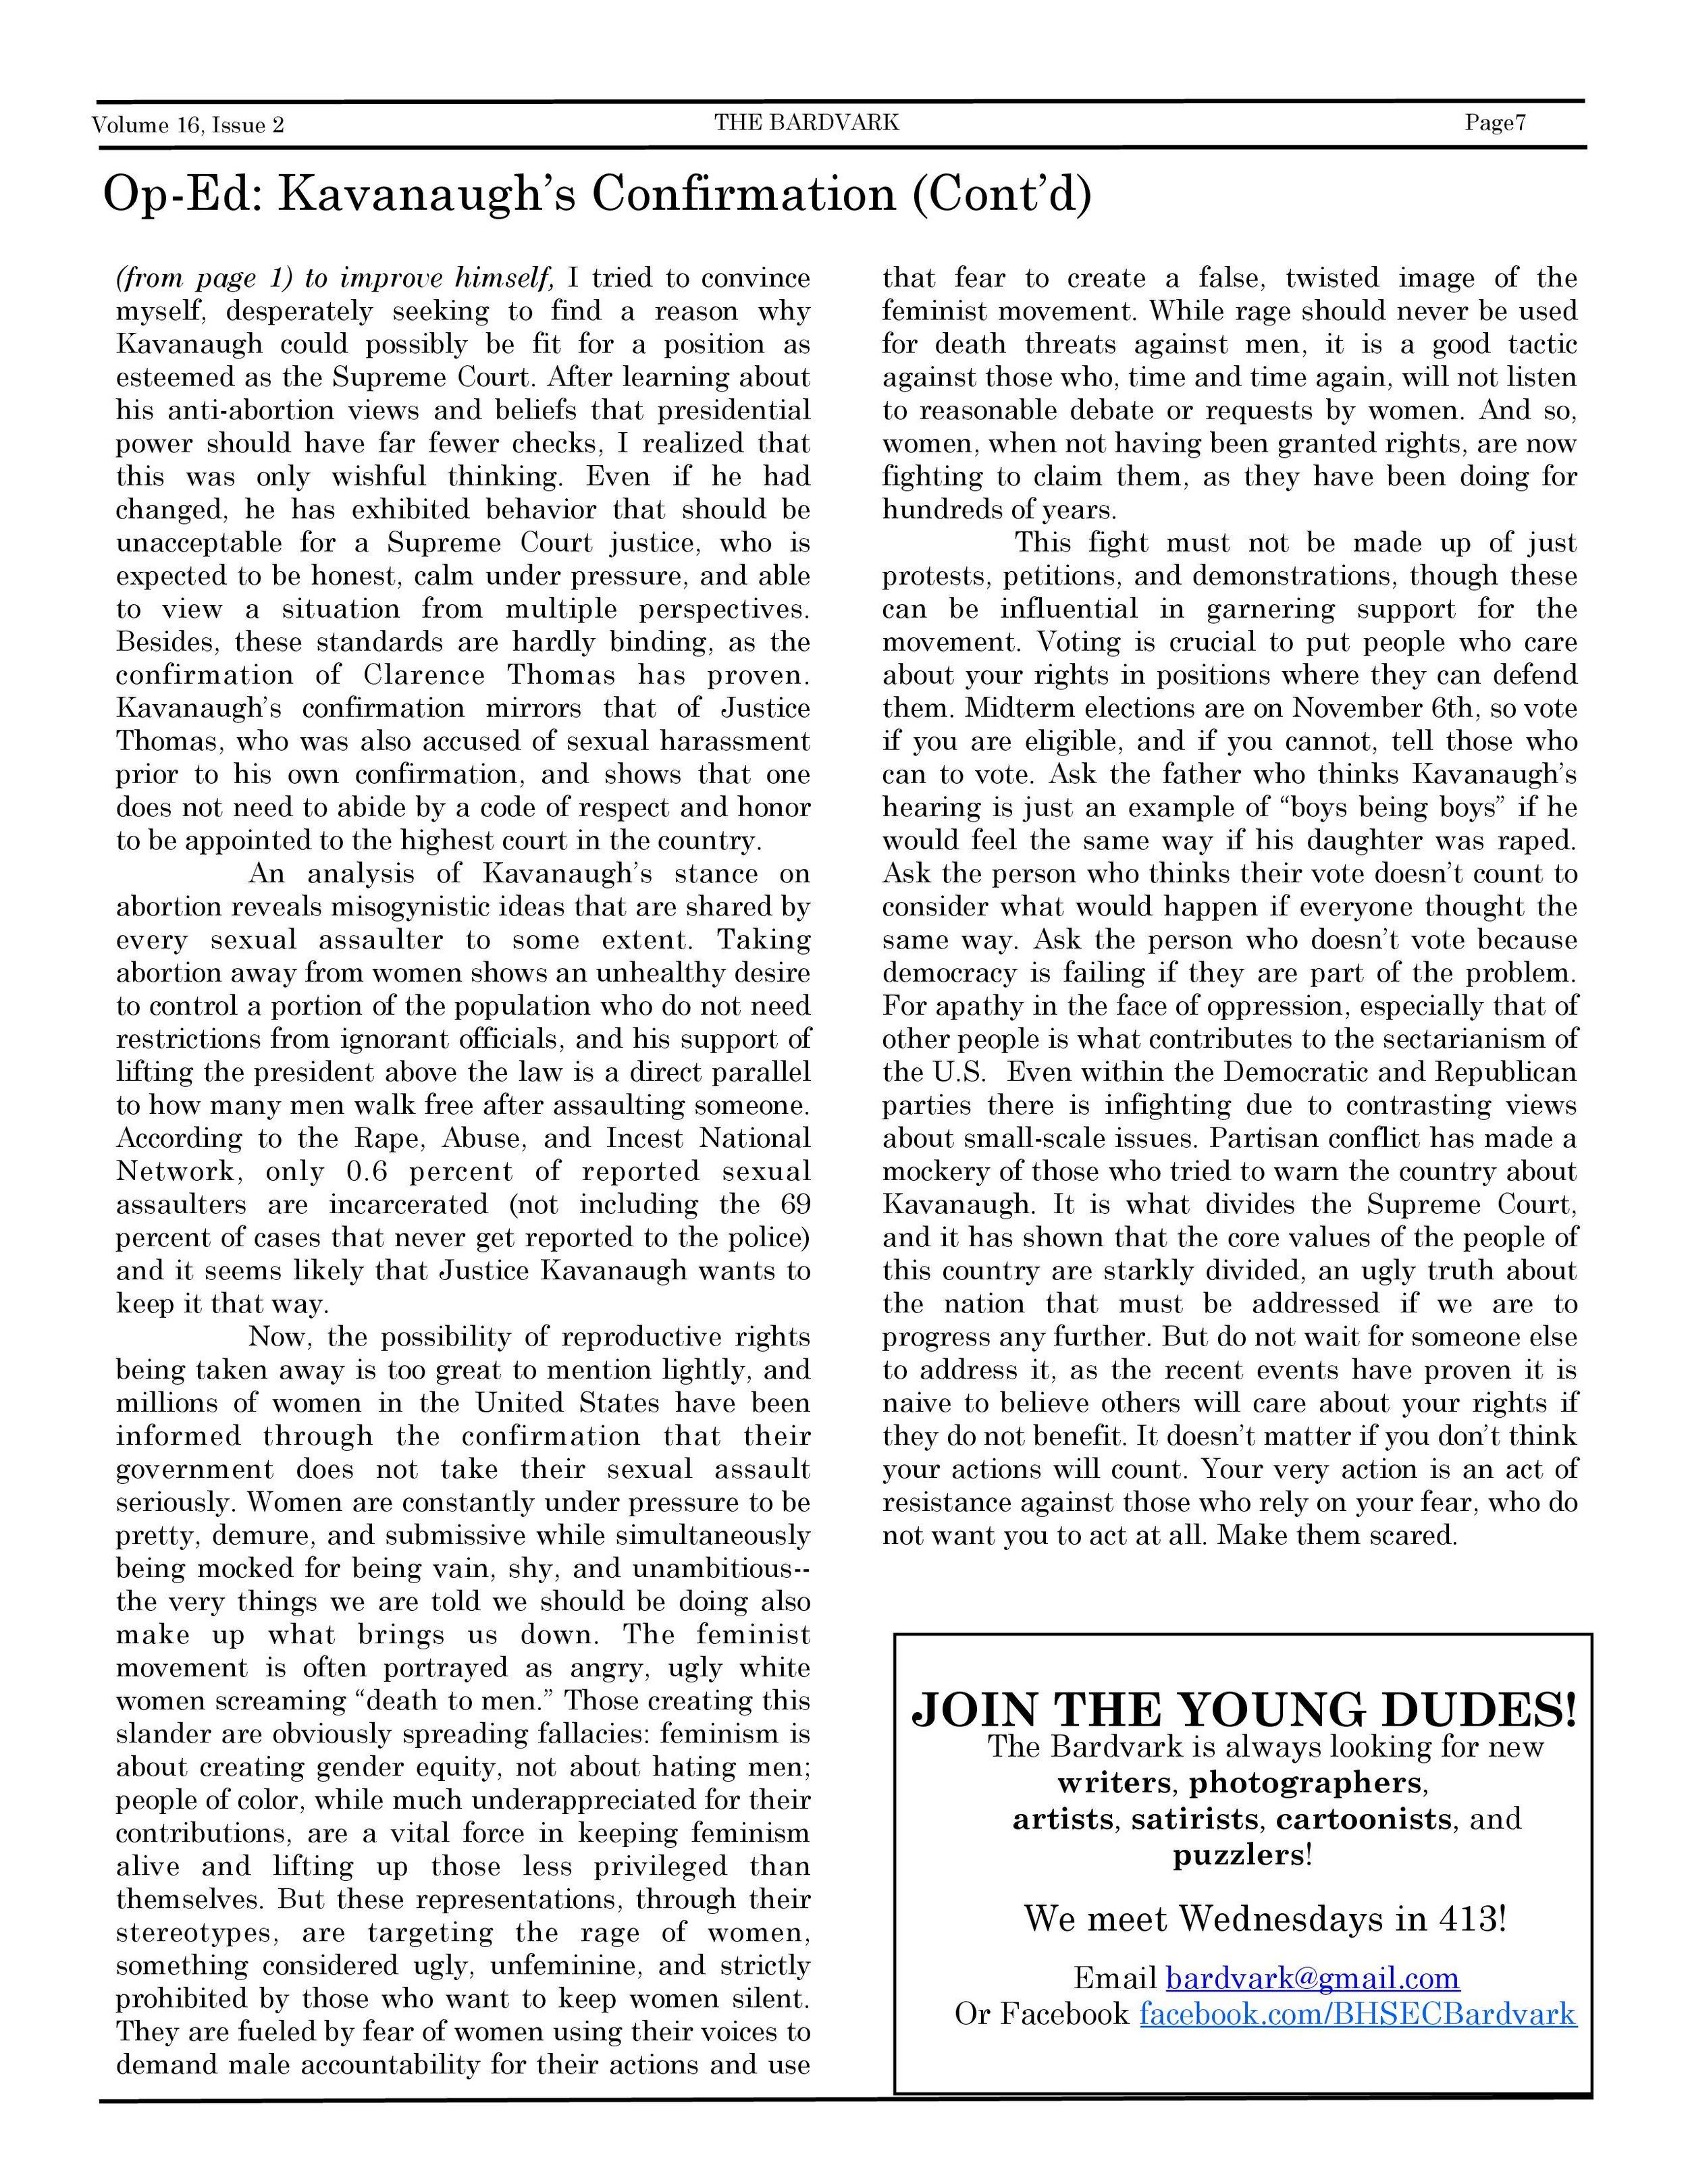 Issue 2 October 2018-7.jpg